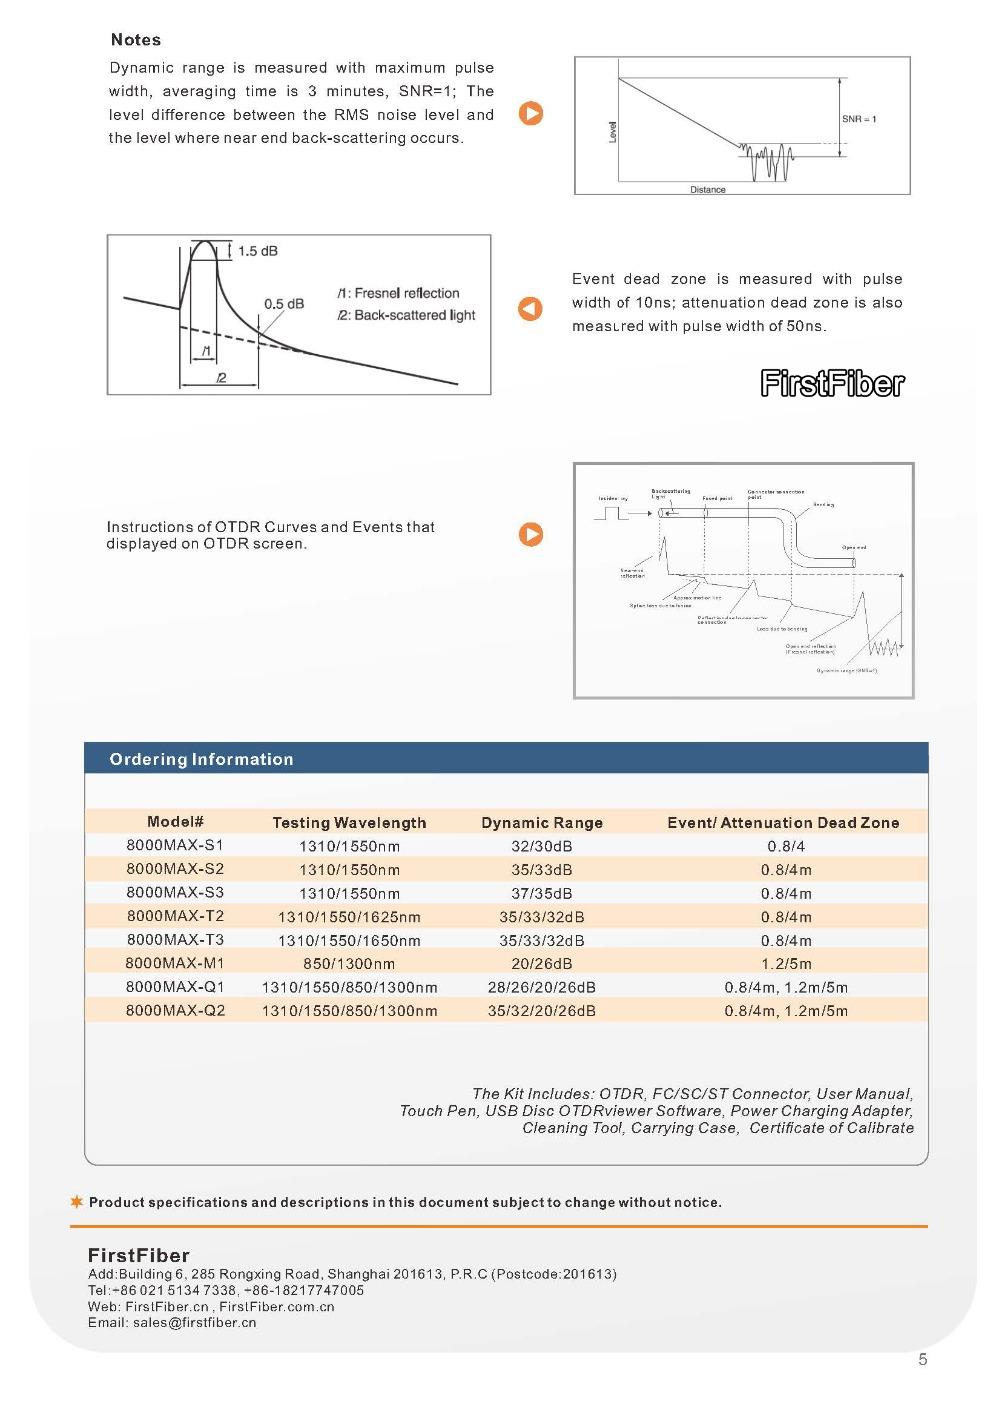 FirstFiber 8000MAX High Accurate OTDR